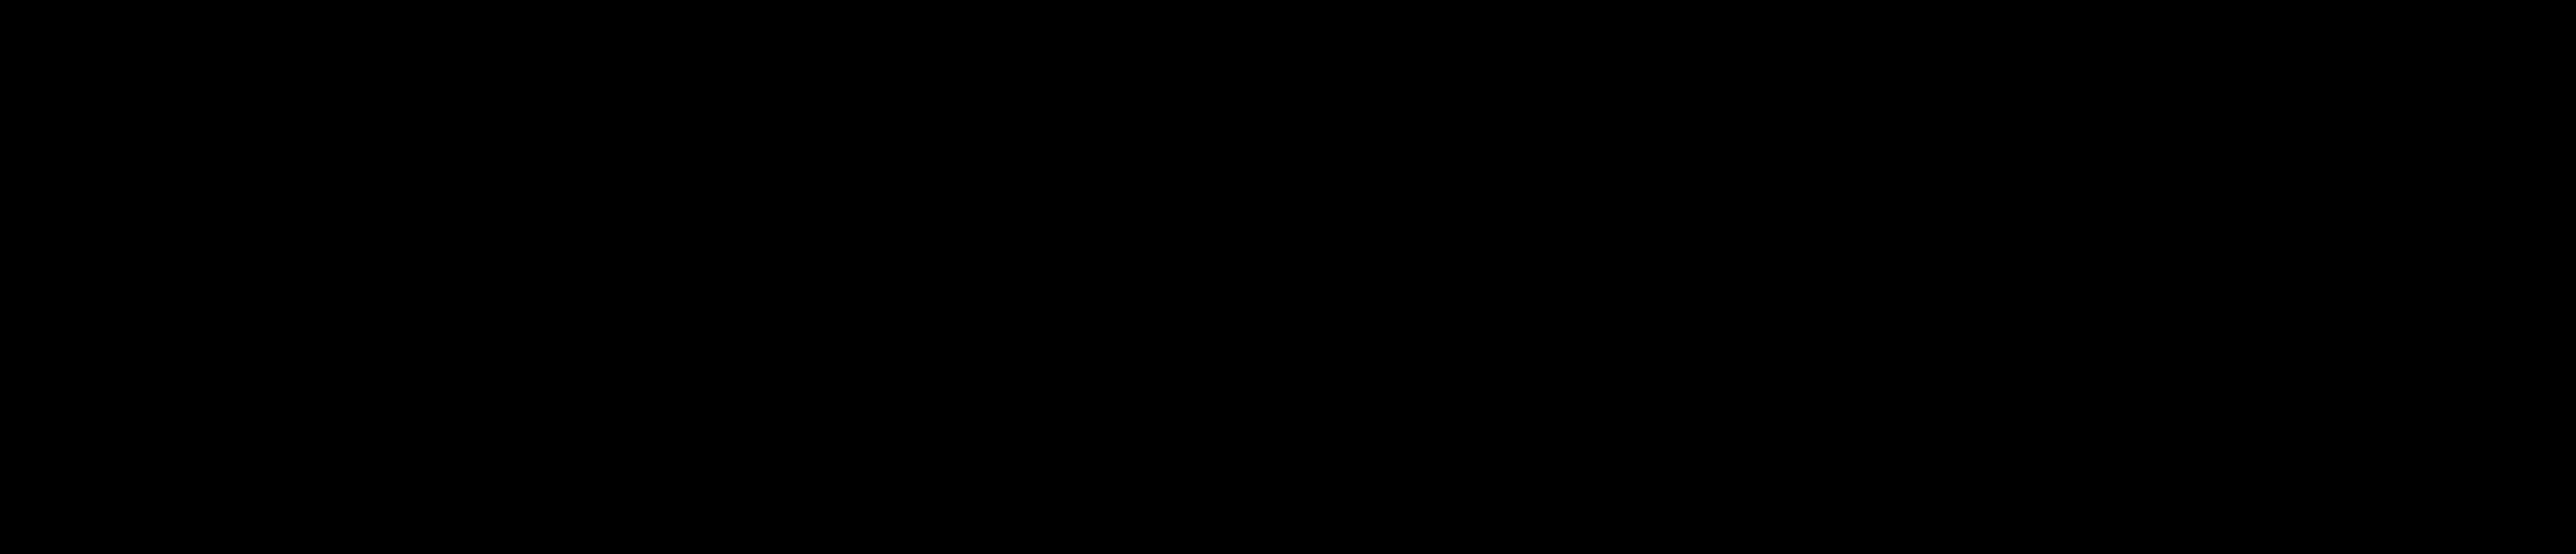 Ludopium